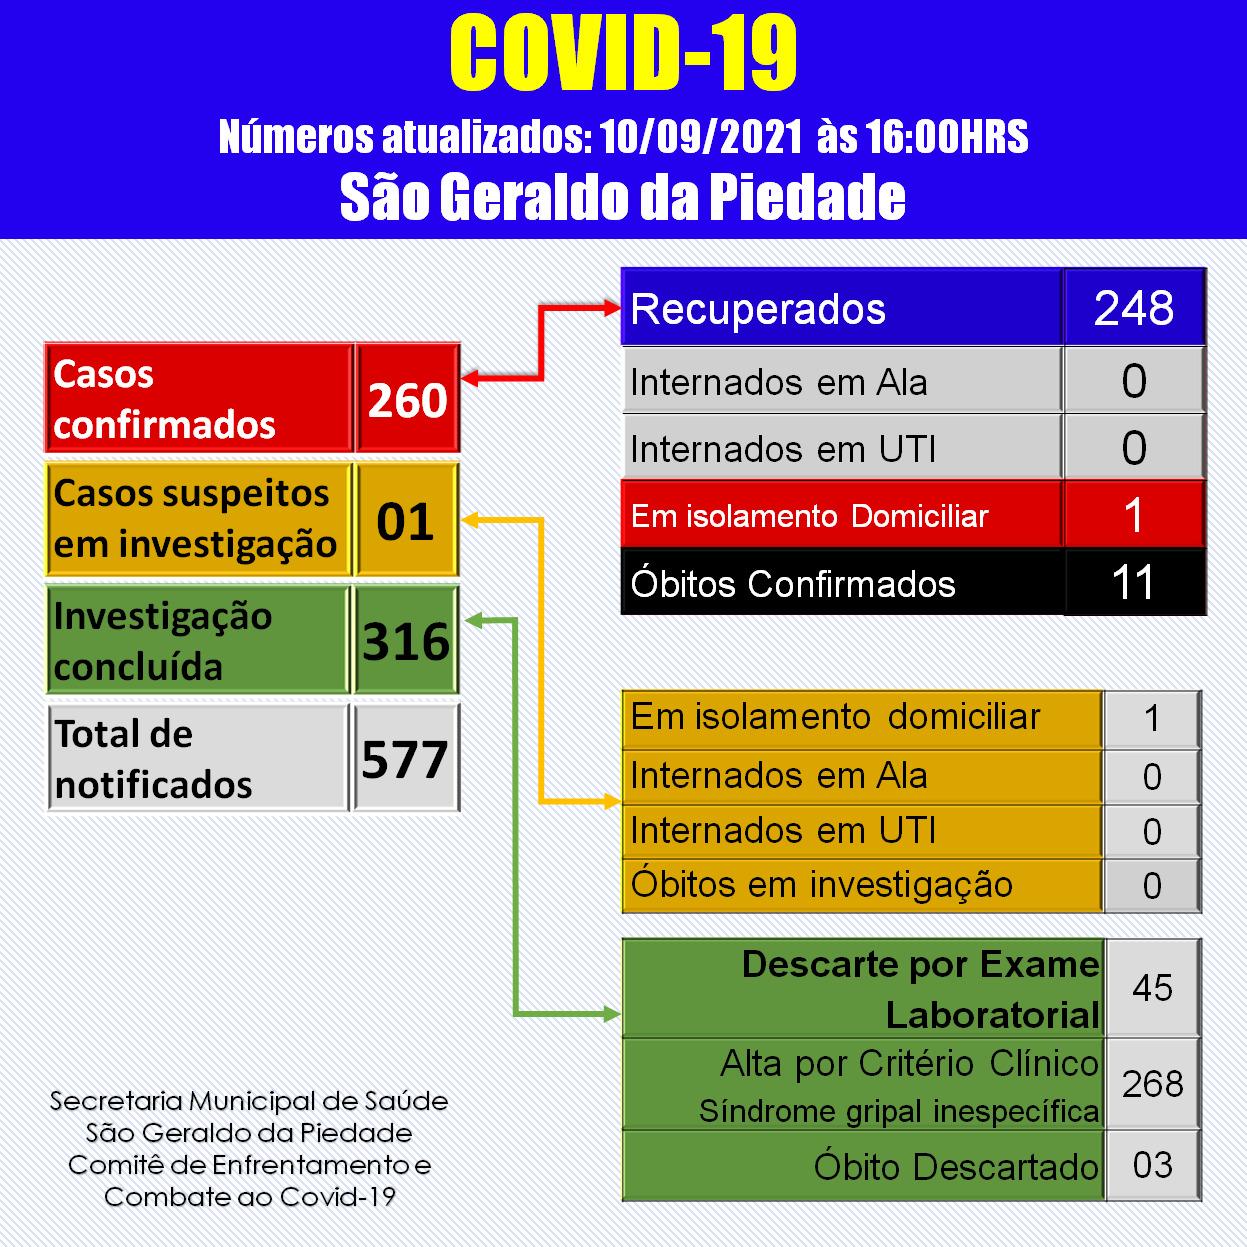 BOLETIM CORONAVÍRUS - 10/09/2021